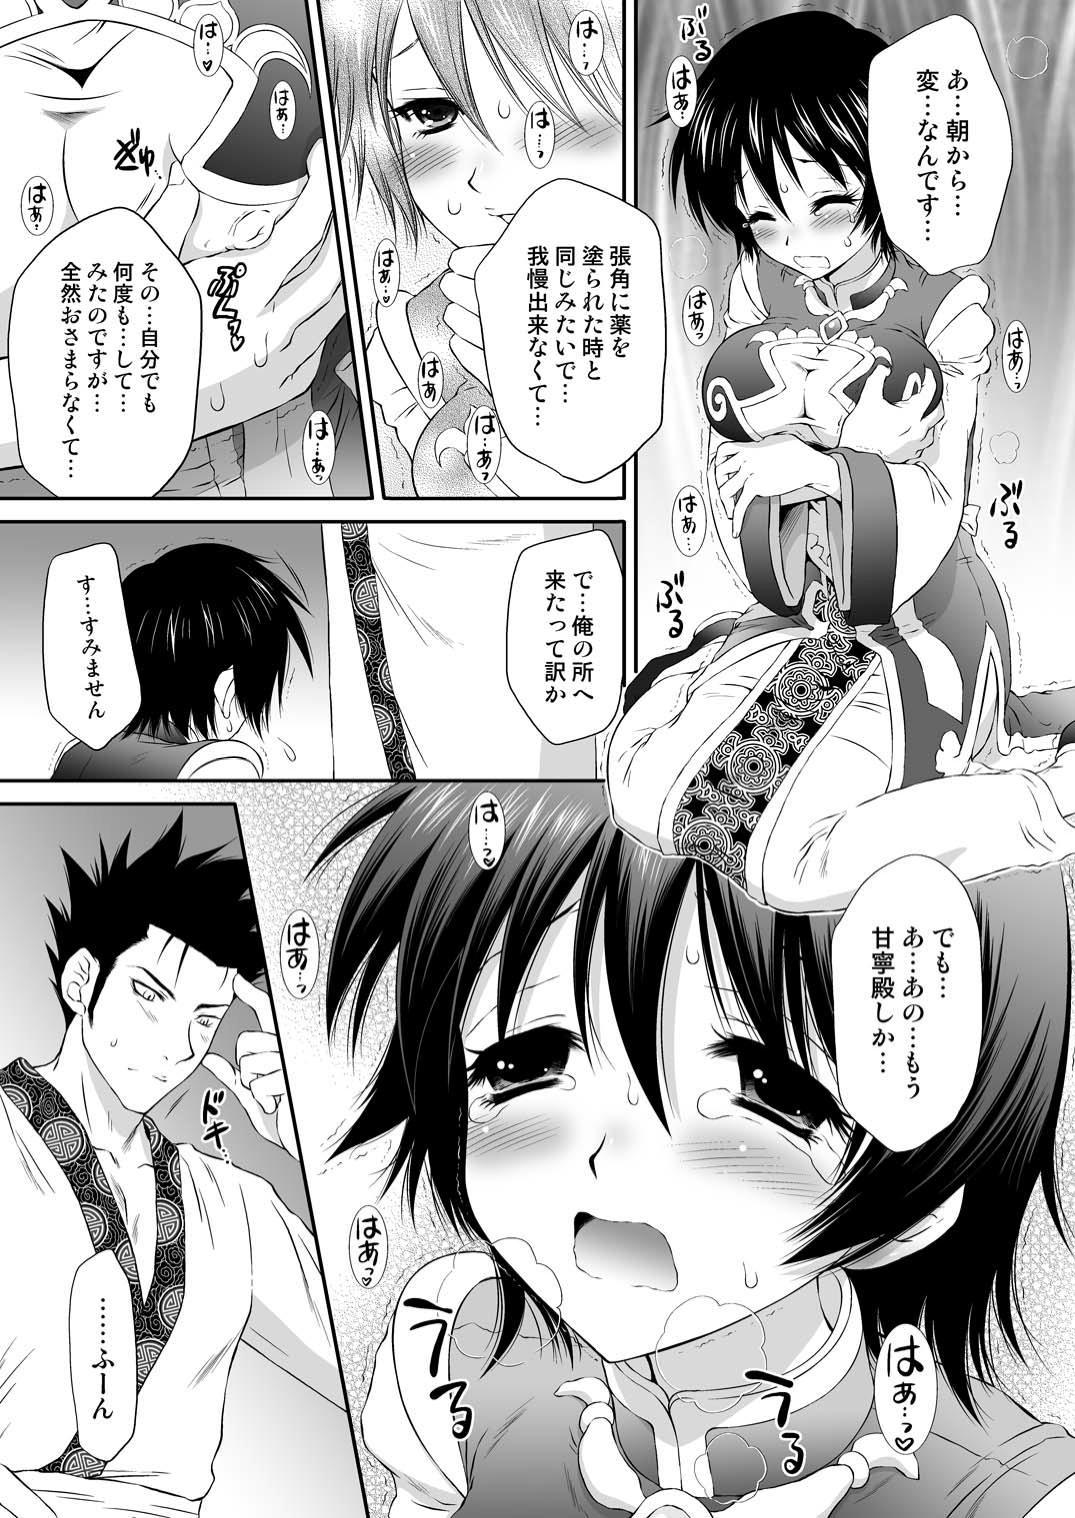 [U.R.C (MOMOYA SHOW-NEKO)] Himitsu no Rikuson-chan (Shin Sangoku Musou (Dynasty Warriors)) 9